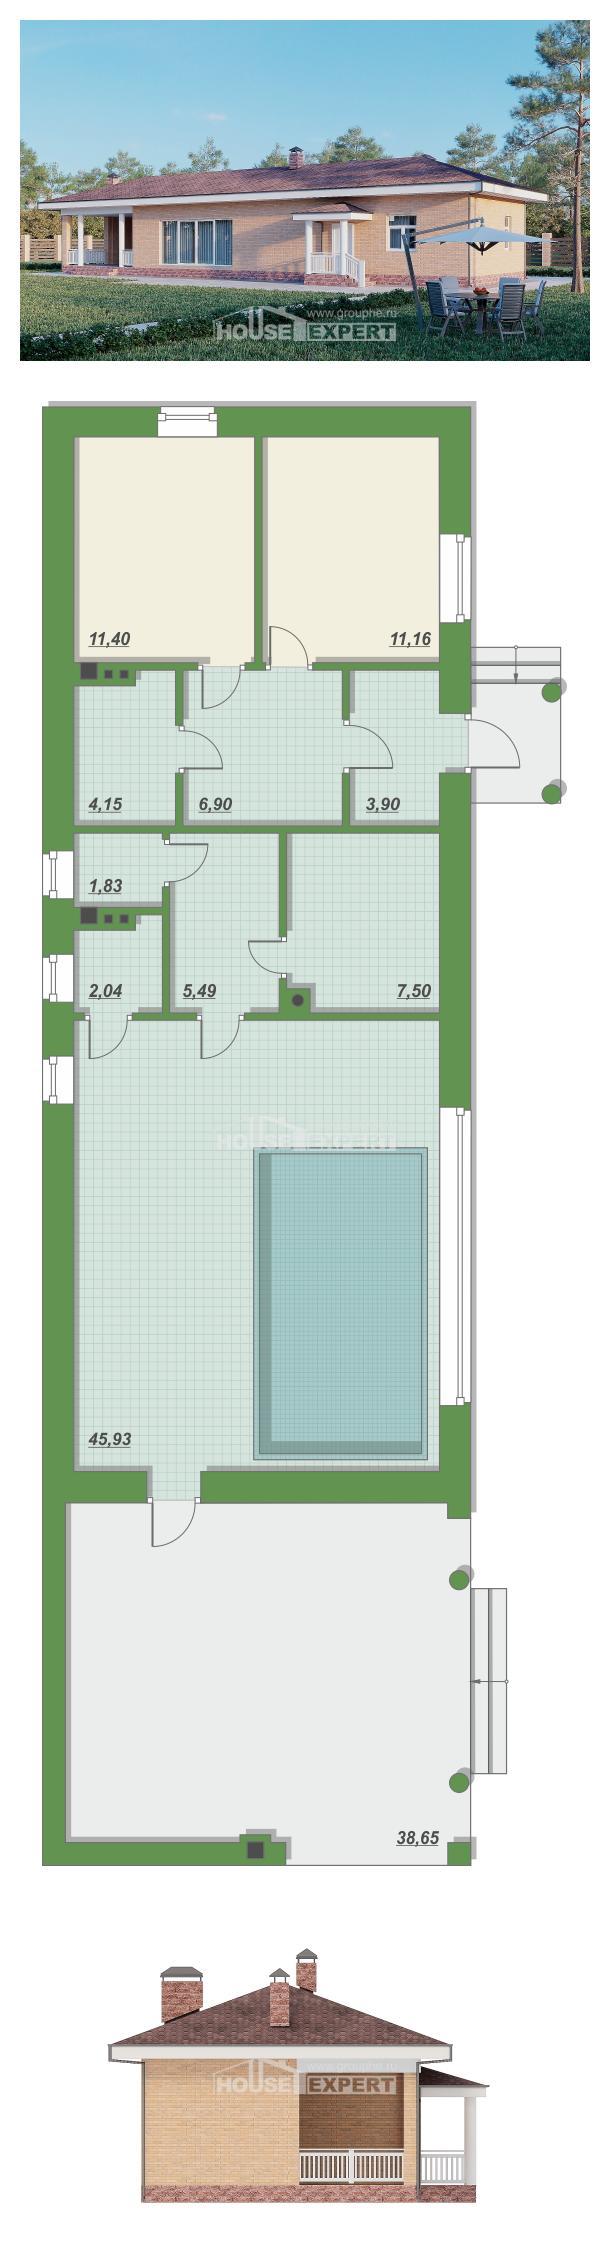 Plan 110-006-L | House Expert